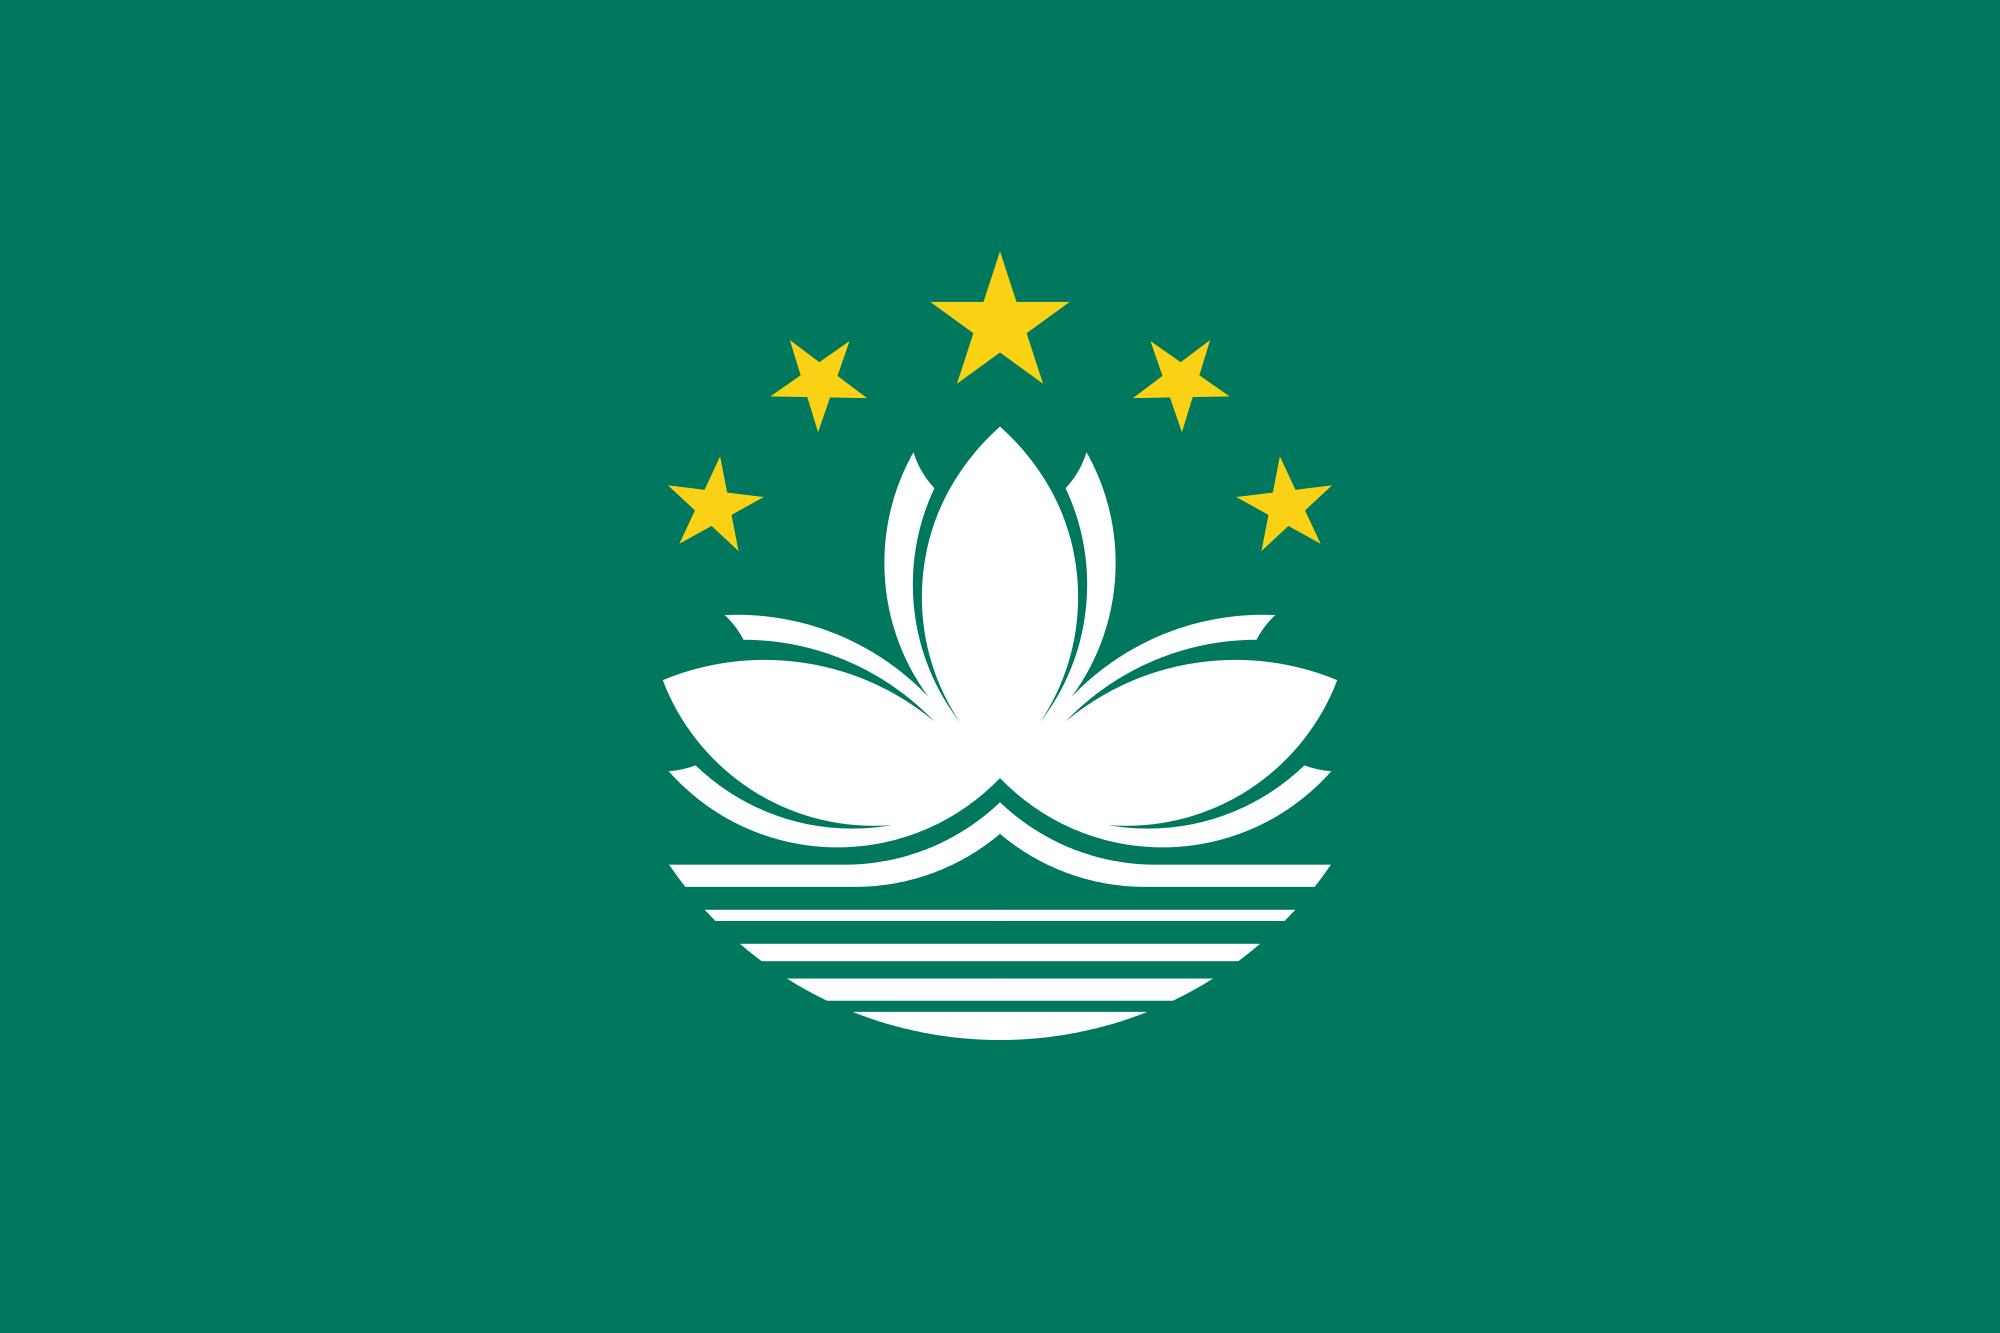 macao, 国, エンブレム, ロゴ, シンボル - HD の壁紙 - 教授-falken.com